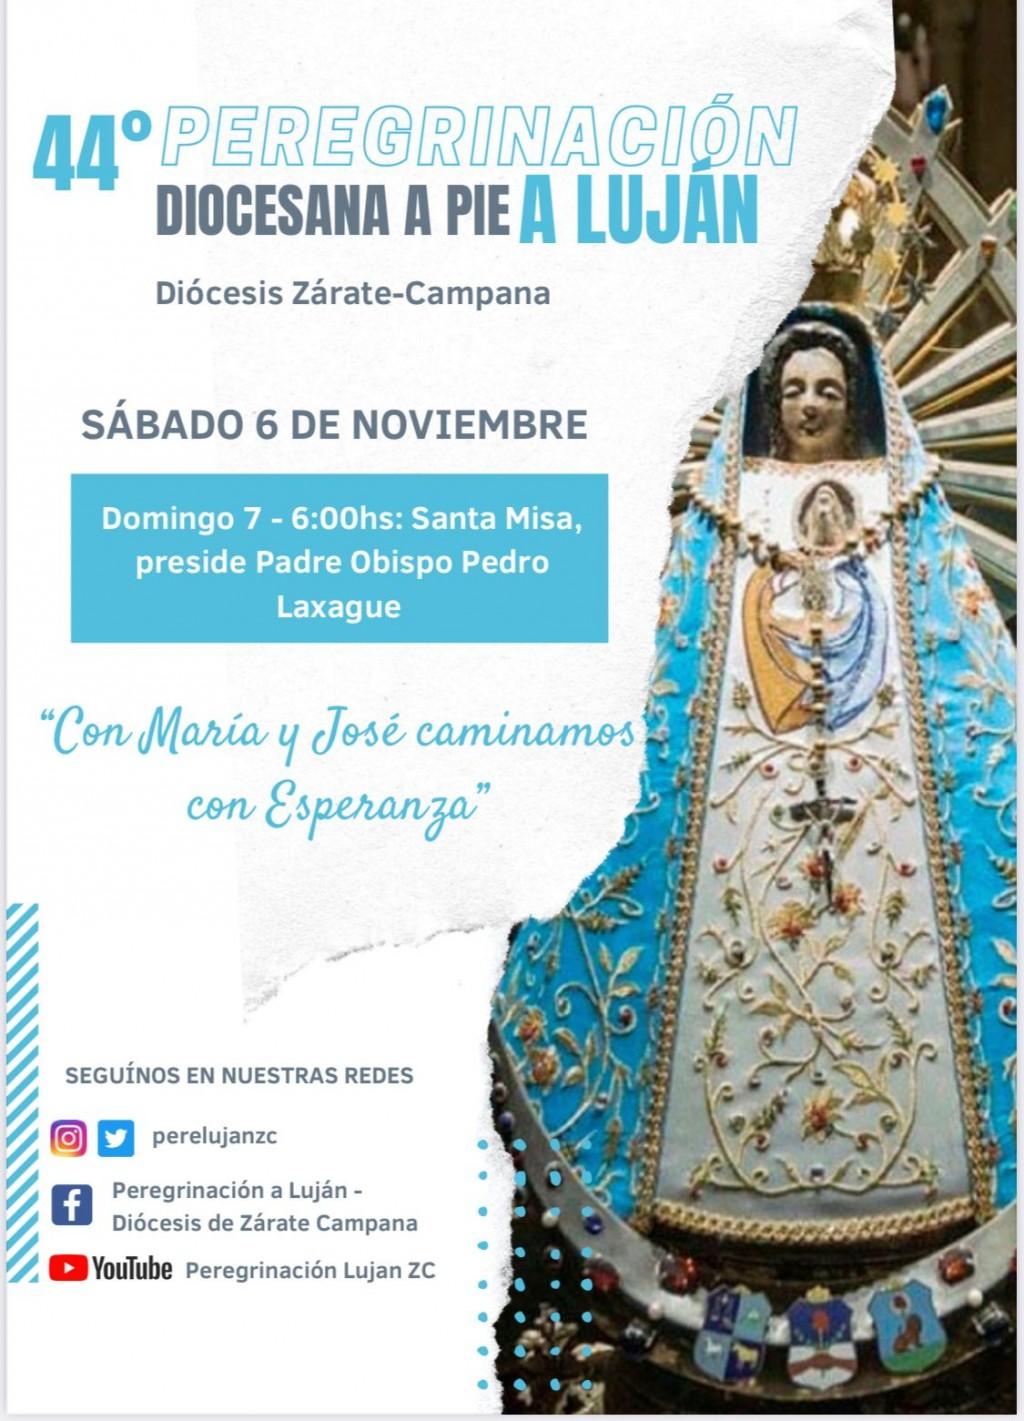 Se realiza la Peregrinación a Luján el sábado 6 de noviembre